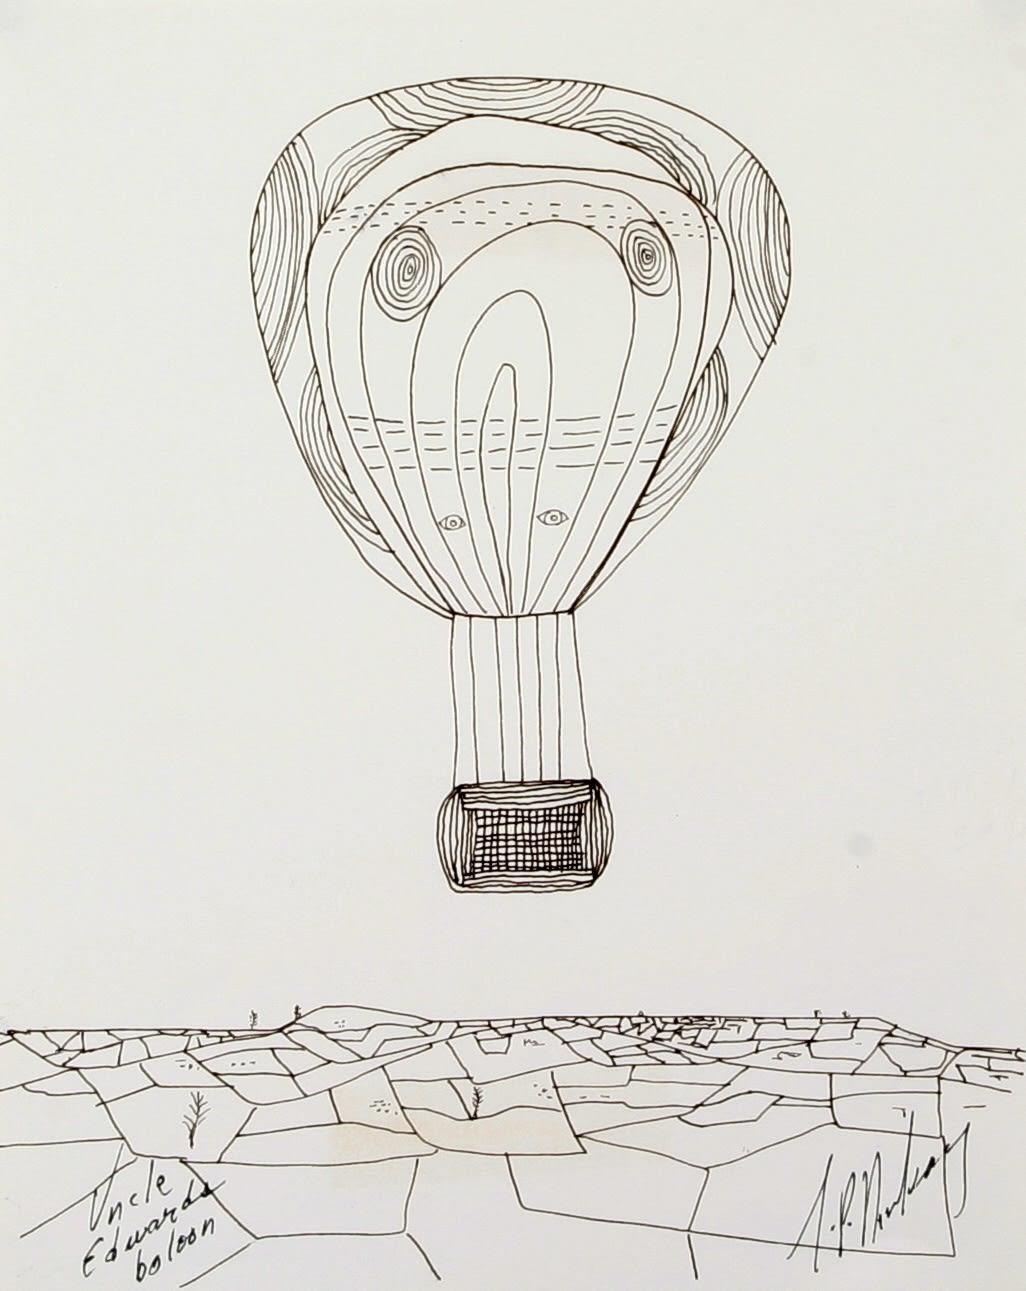 J.P. Donleavy Uncle Edward's baloon Pen & ink 23 x 18 cm